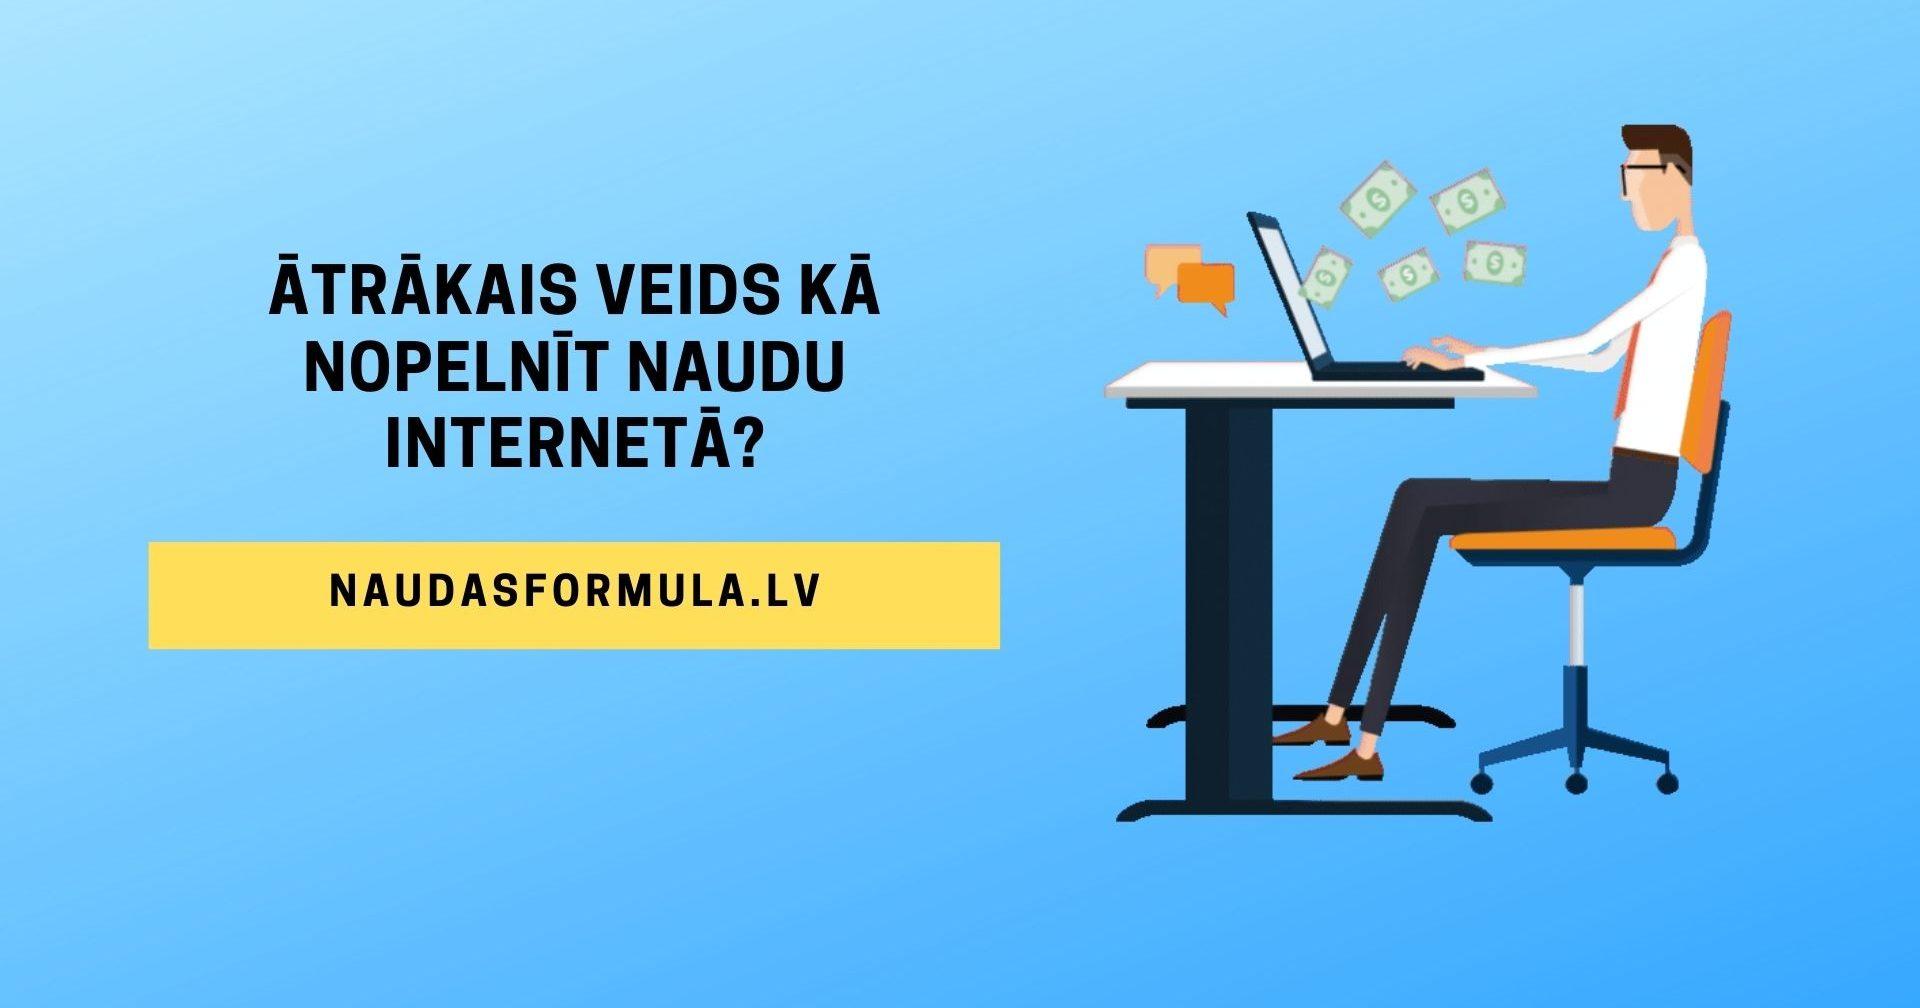 Kā nopelnīt naudu internetā? - azboulings.lv